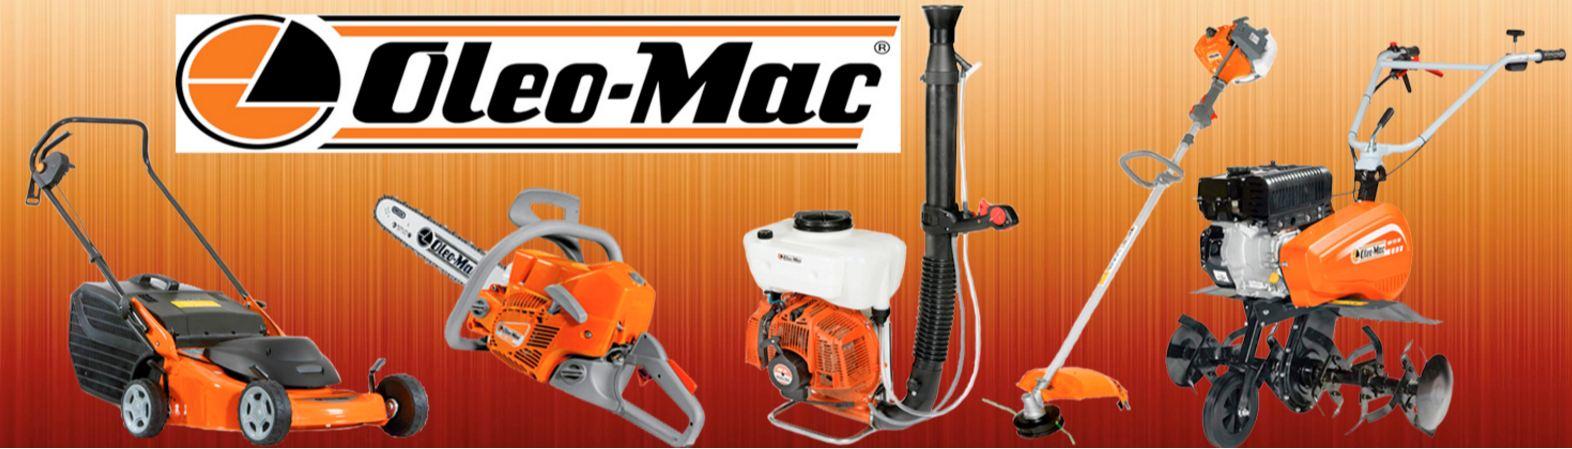 Техническое-обслуживание-и-ремонт-кусторезов-Oleo-Mac